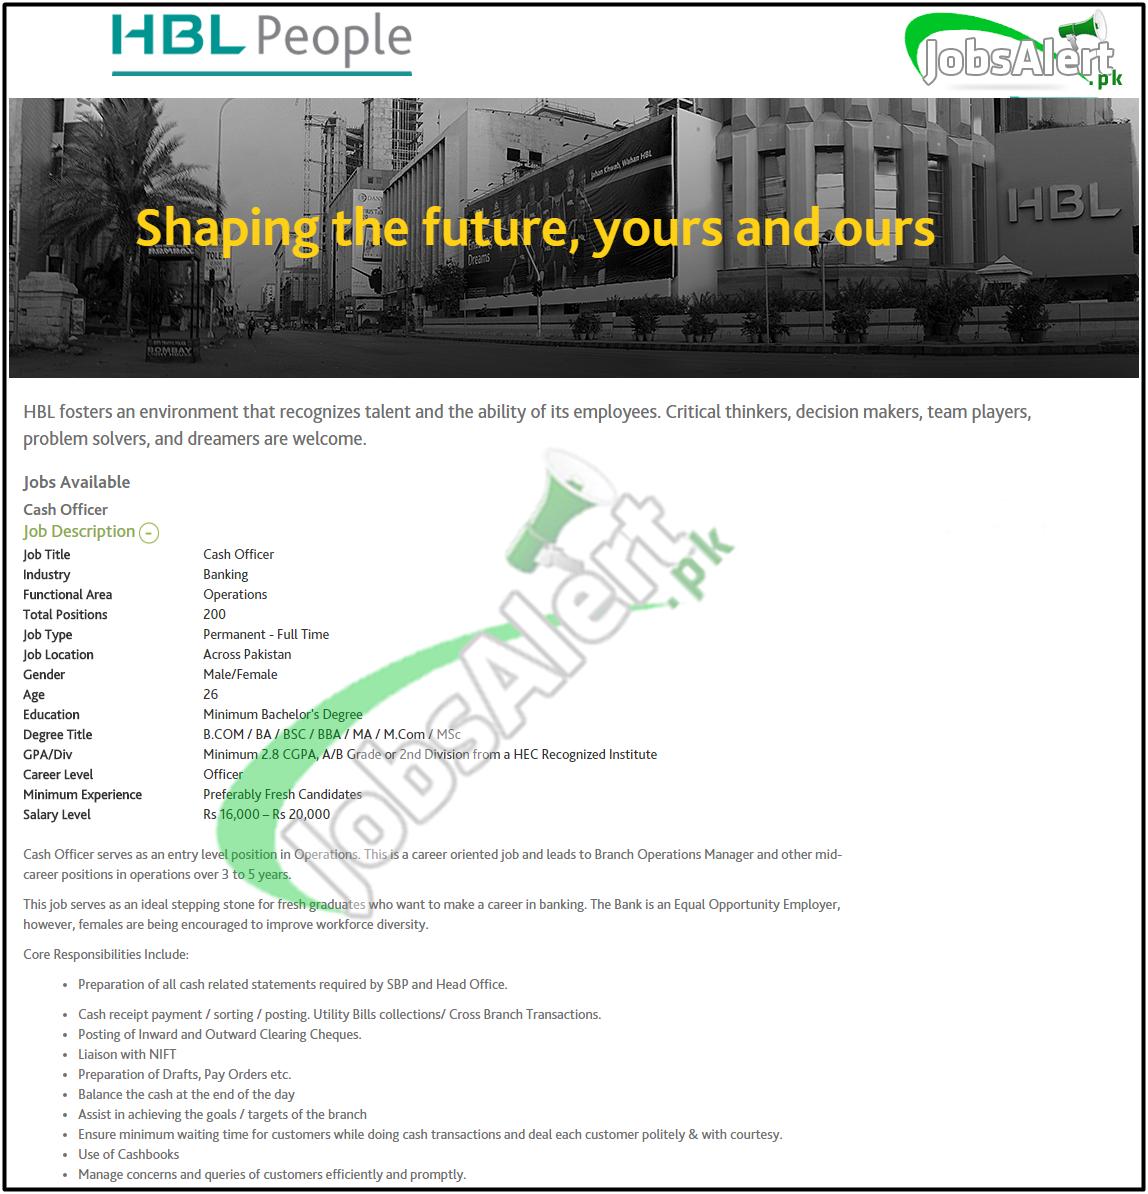 hbl 200 cash officer jobs 2017 male female apply online latest hbl cash officer jobs 2016 apply online